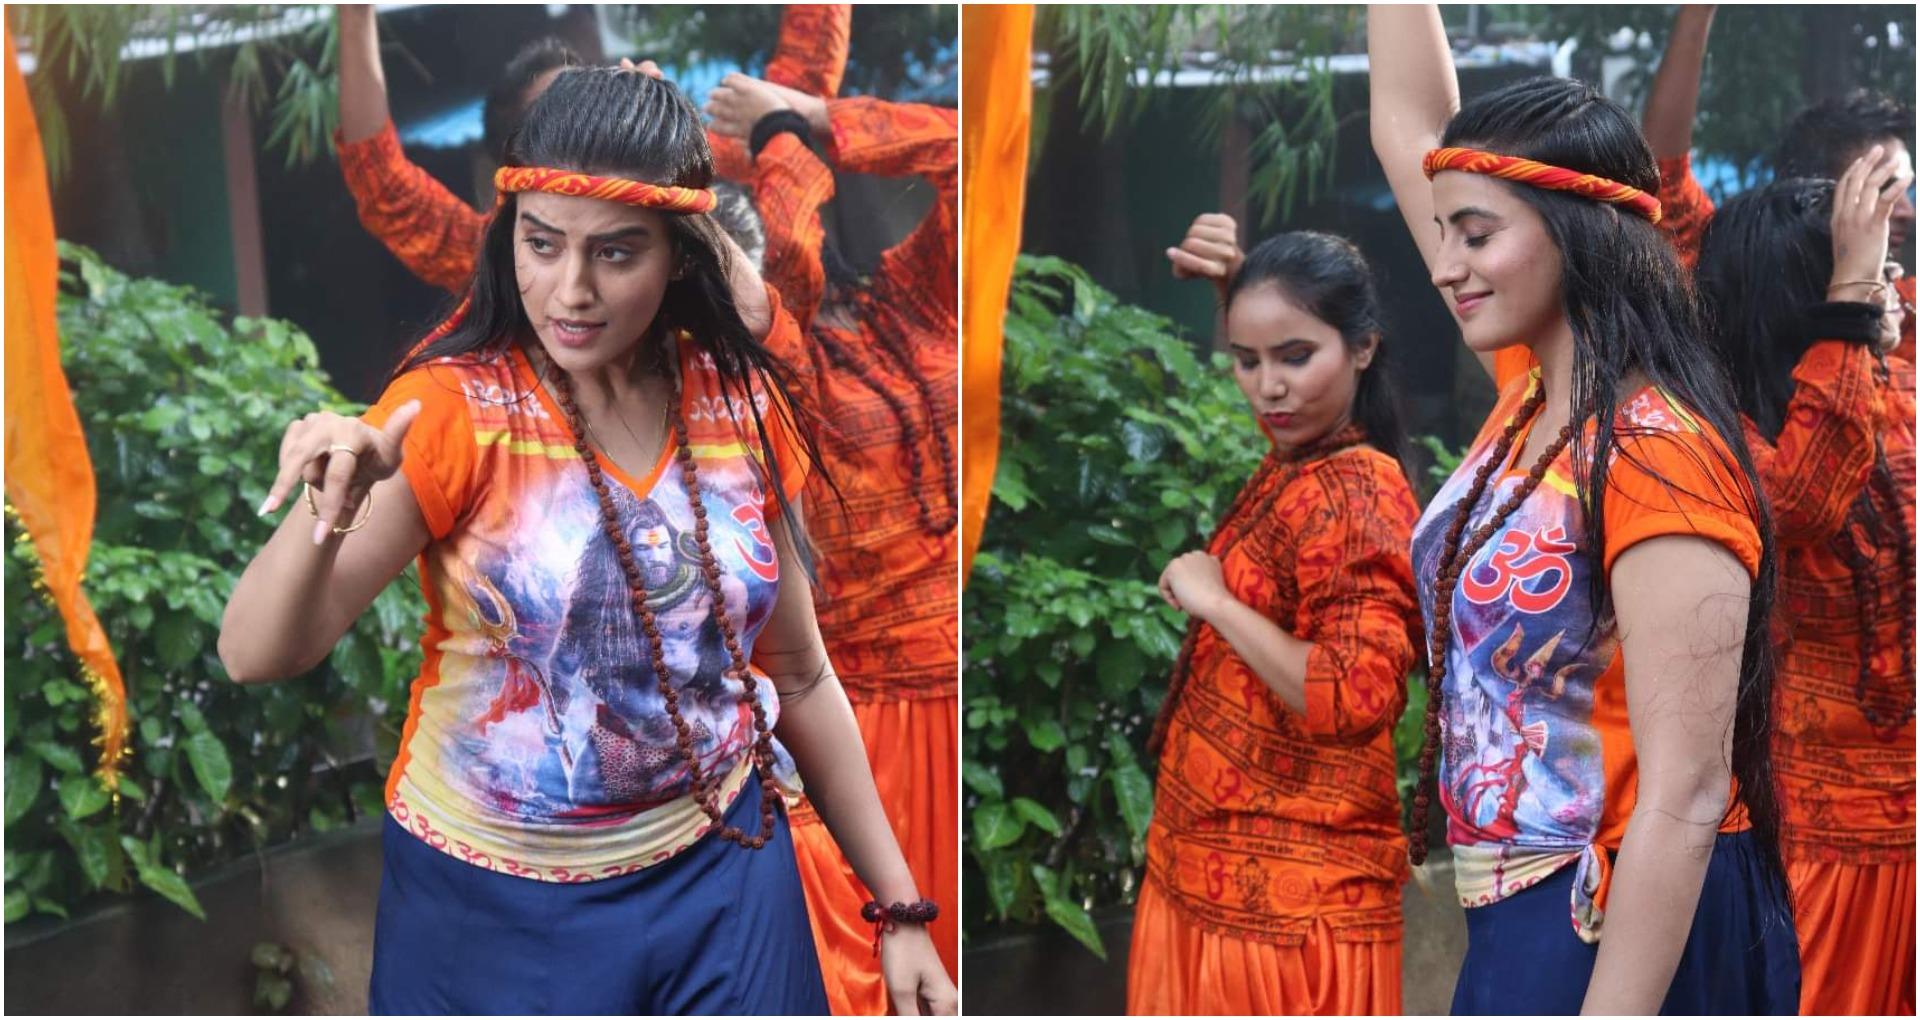 भोलेनाथ की भक्ति में लीन भोजपुरी एक्ट्रेस अक्षरा सिंह ने बारिश में भीगते हुए की शूटिंग, देखें तस्वीरें